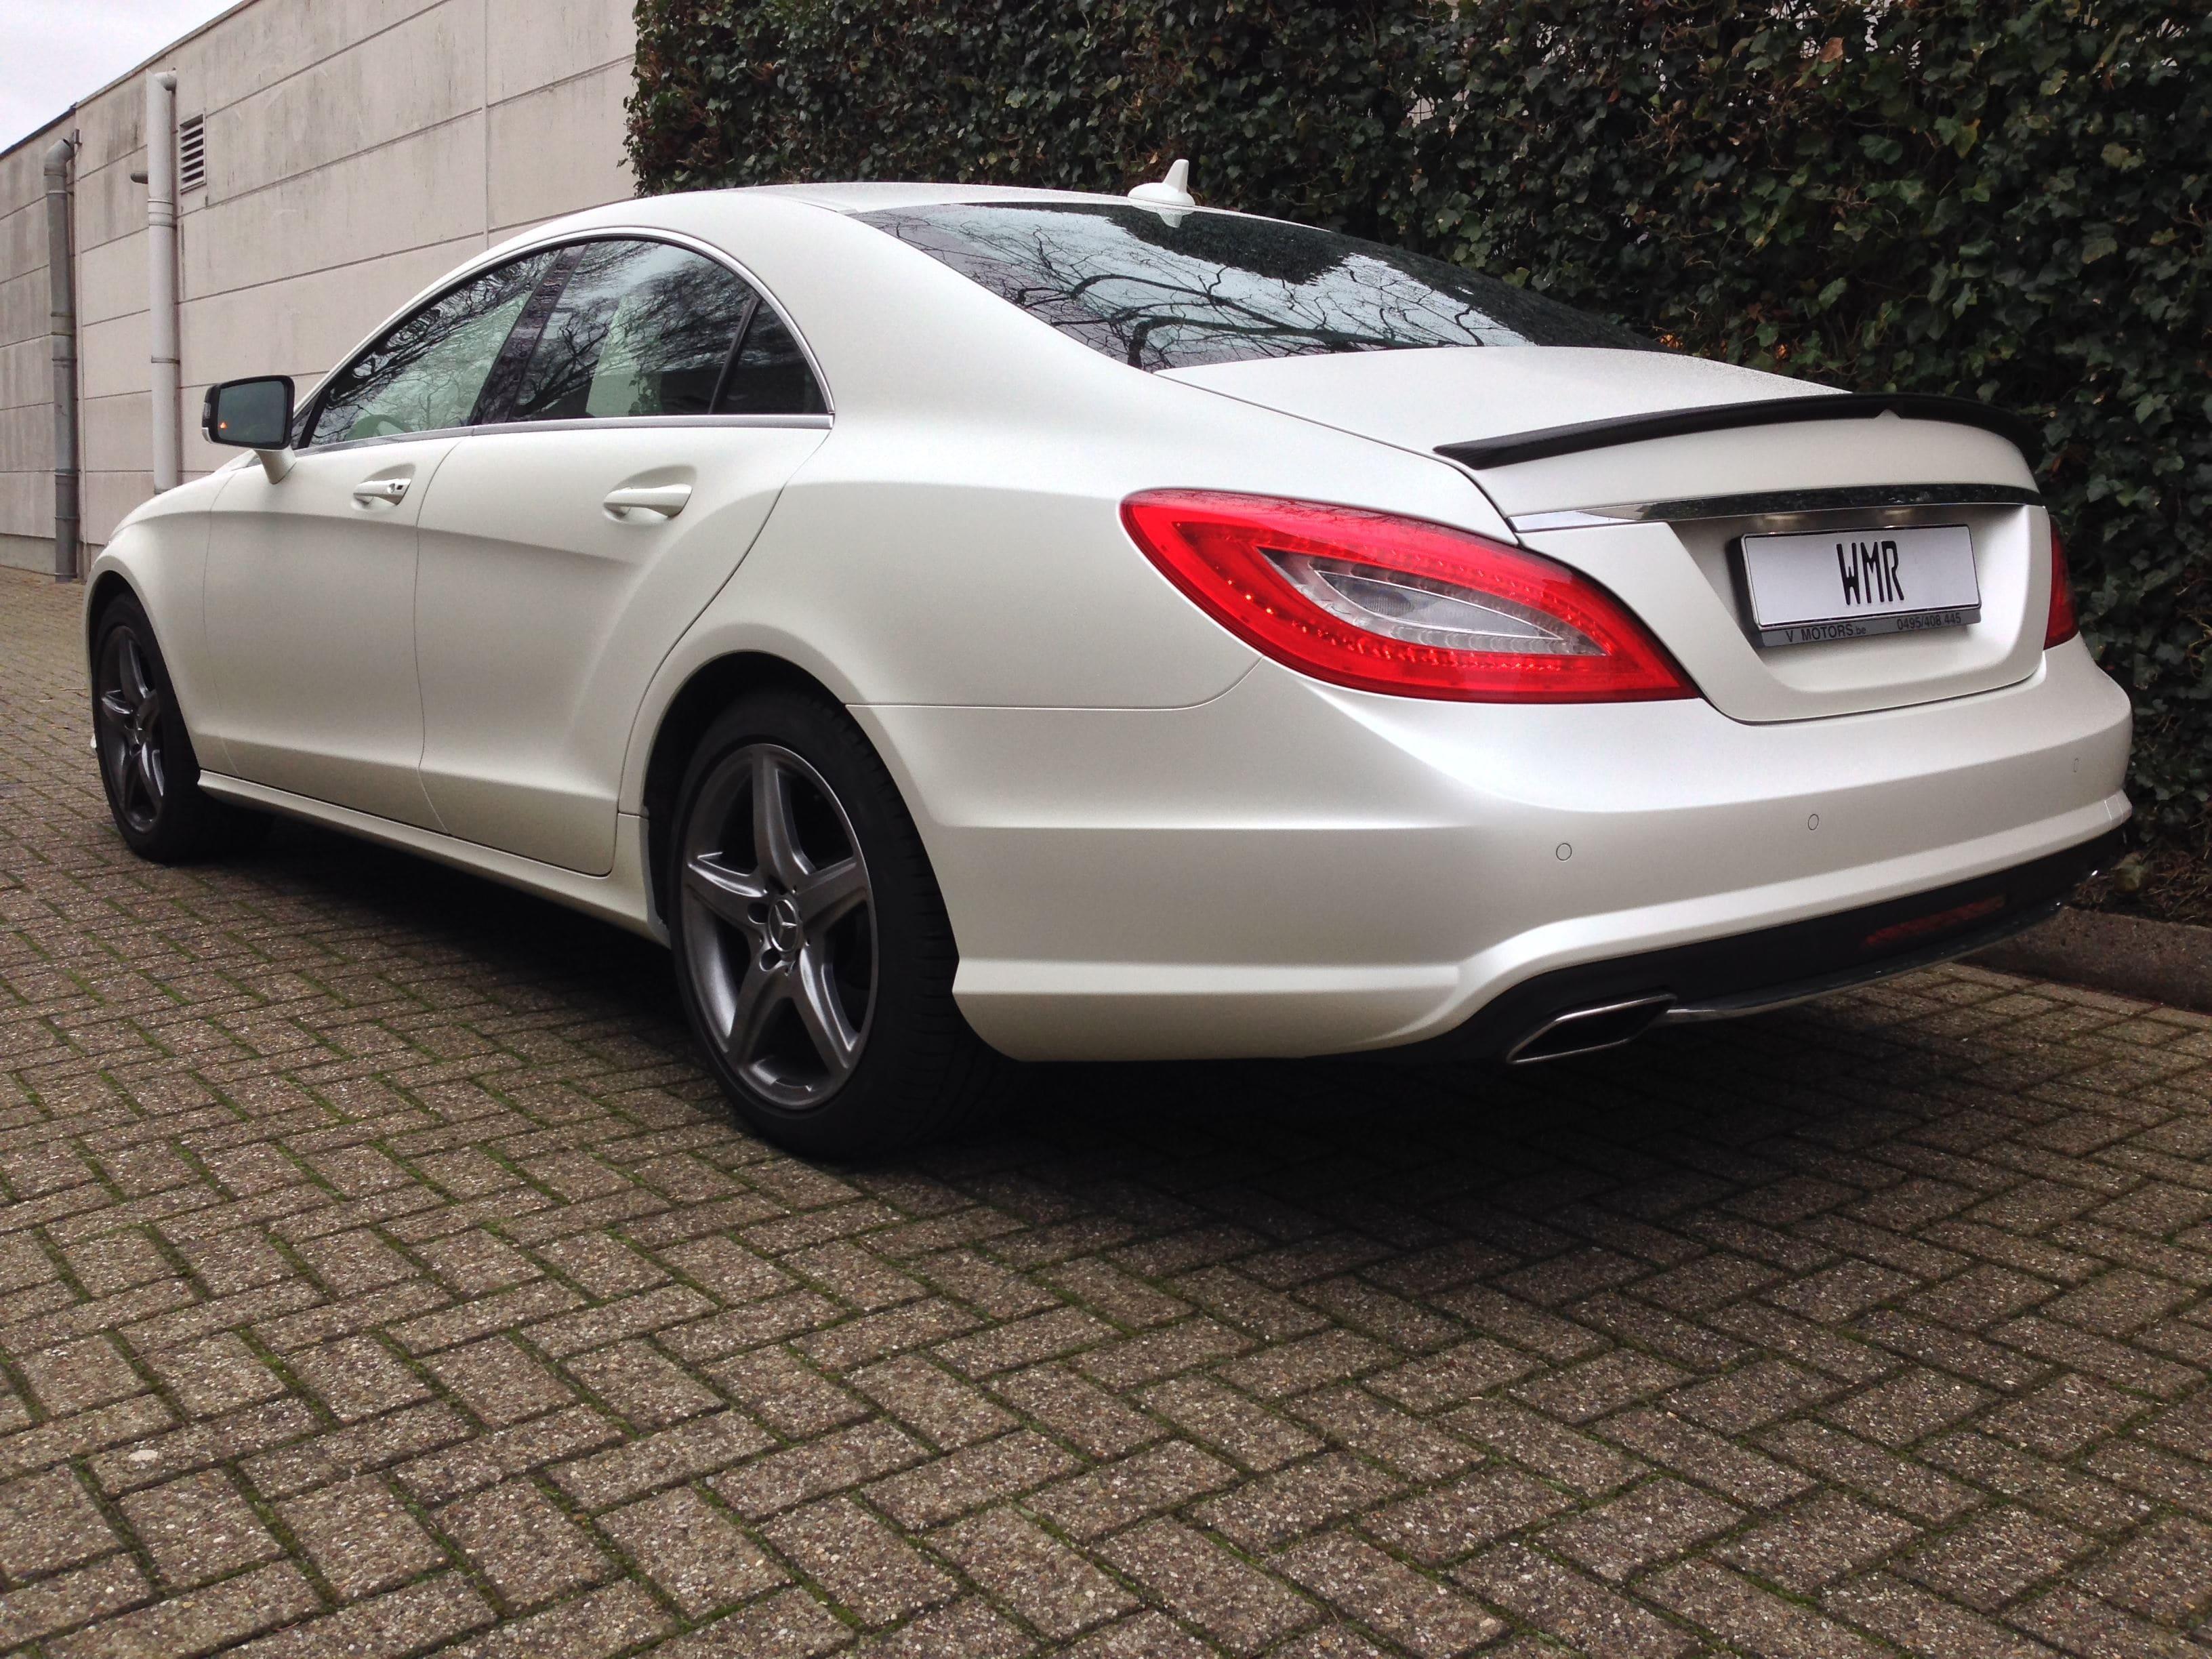 Mercedes CLS met White Satin Pearl Wrap, Carwrapping door Wrapmyride.nu Foto-nr:6216, ©2021